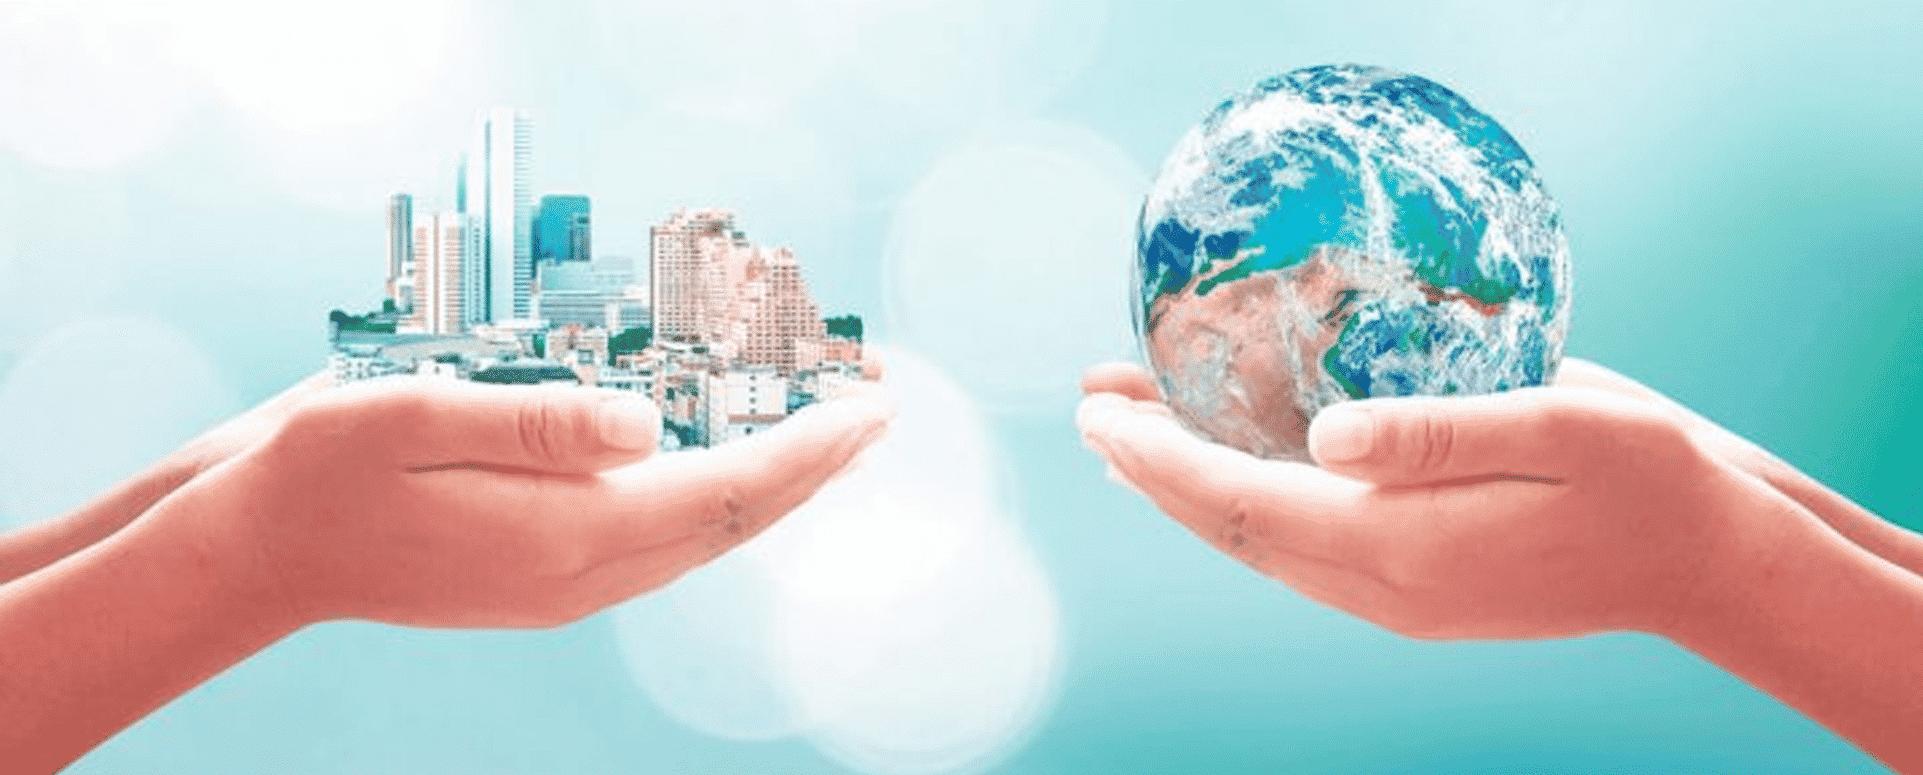 iniciativas socioambientais e diversidade